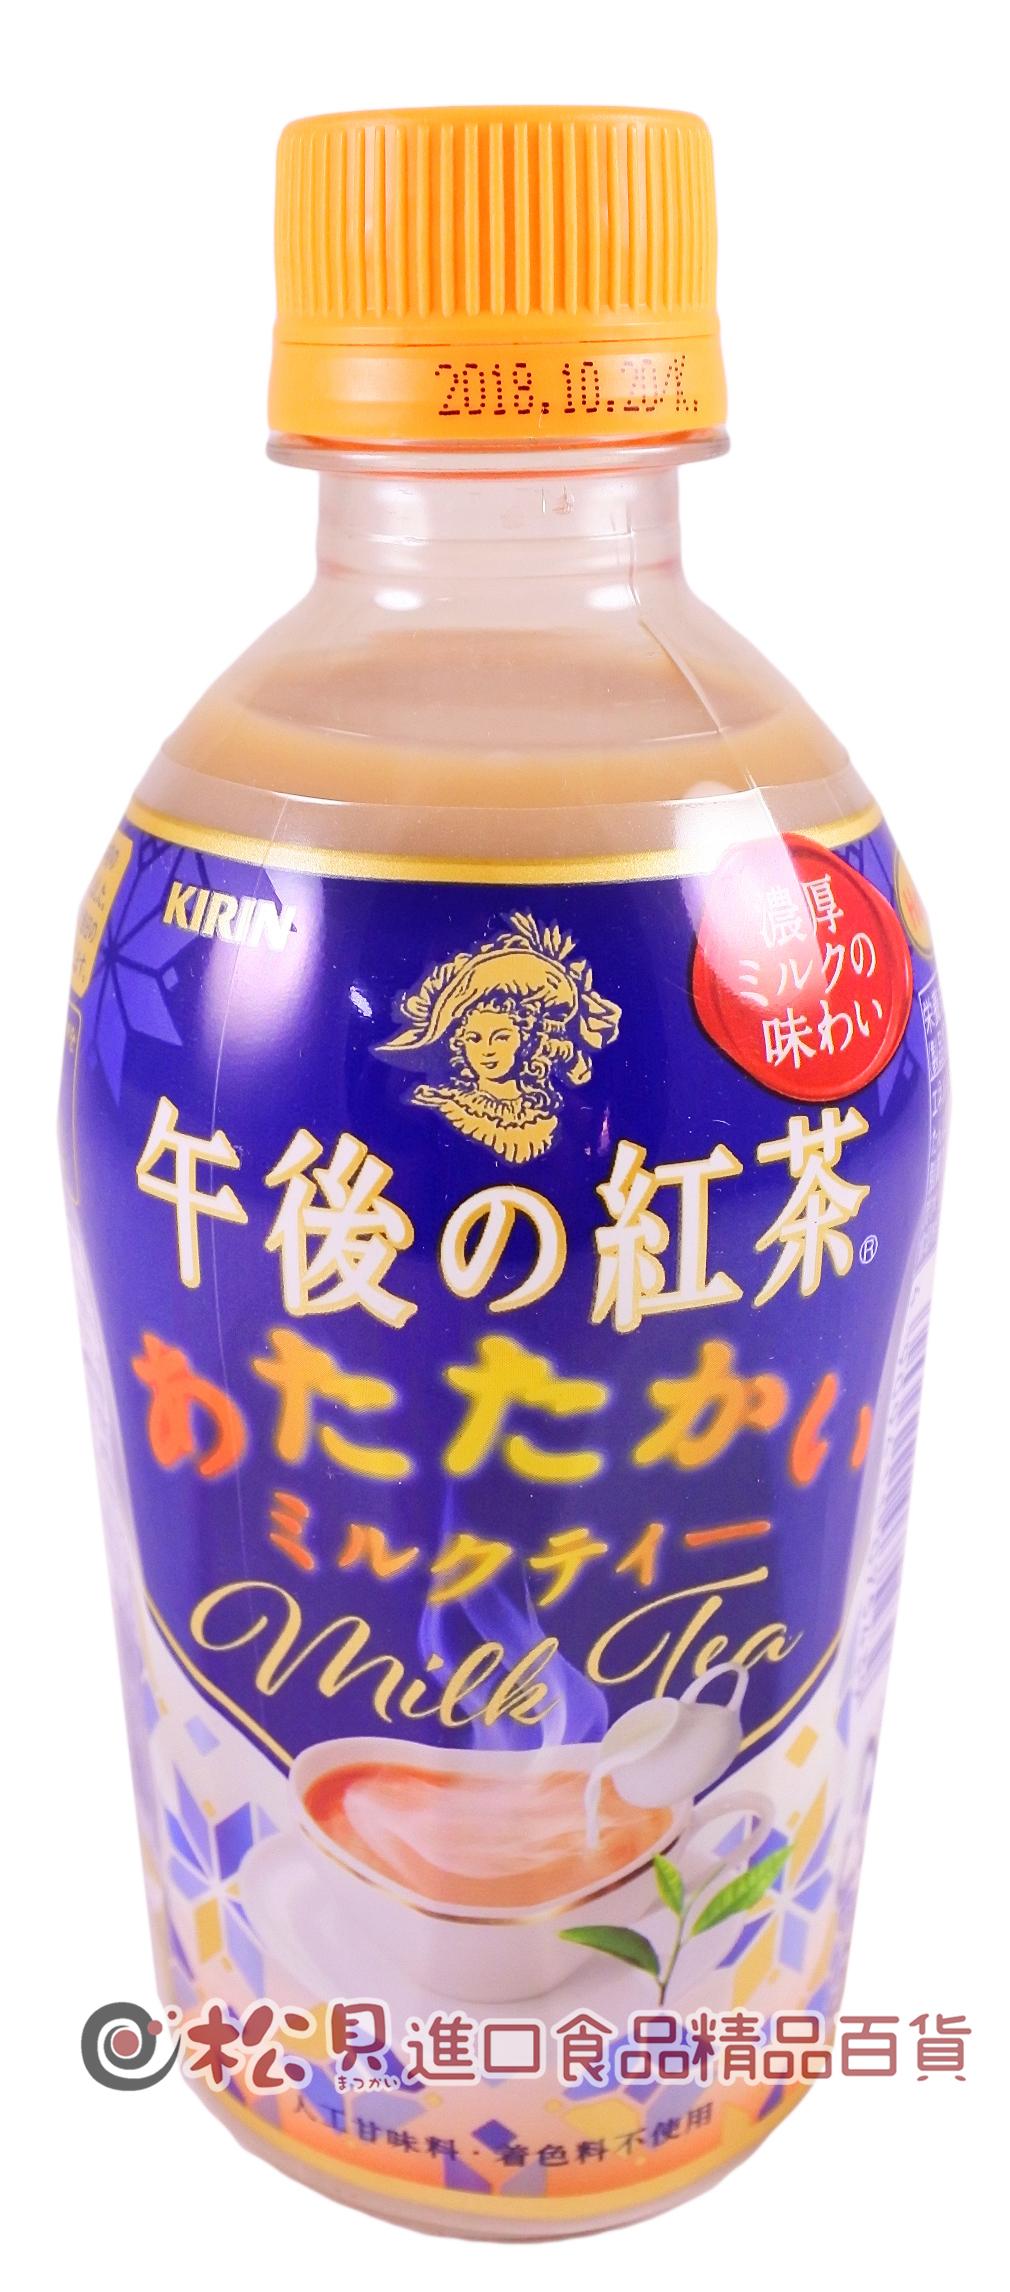 麒麟午後特選奶茶345ml【4909411075439】.jpg